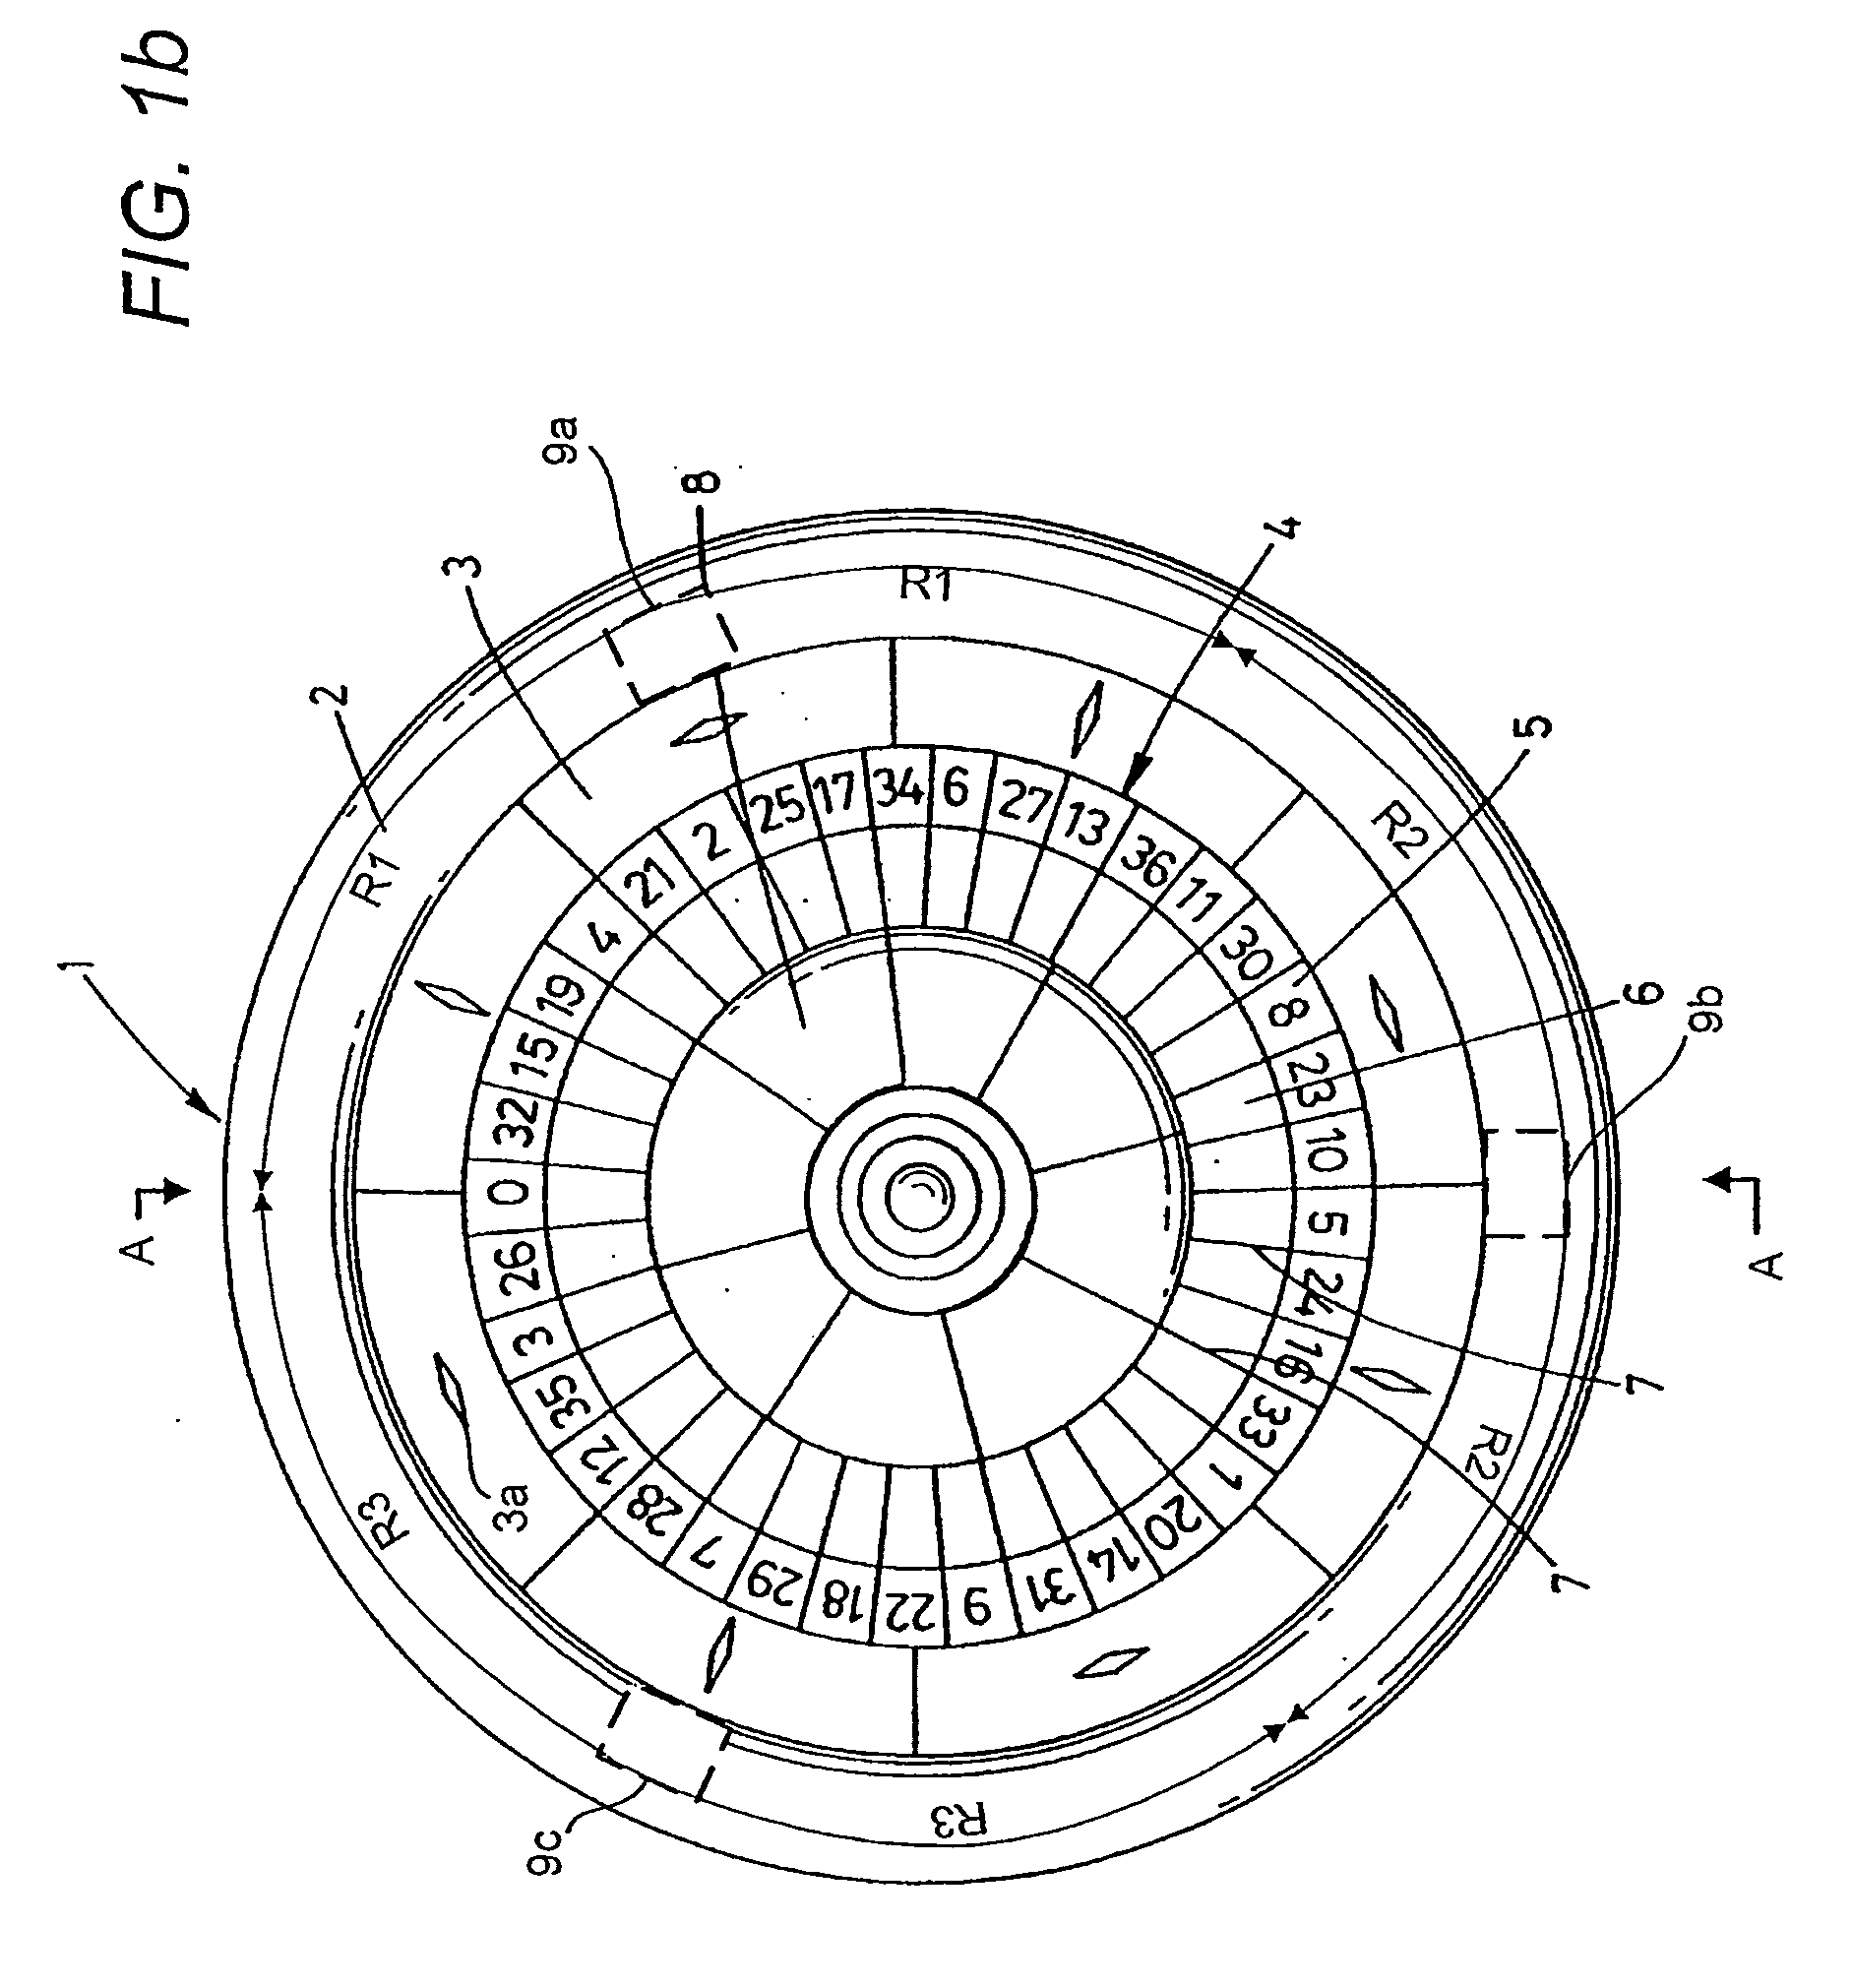 Roulette wheel drop zone